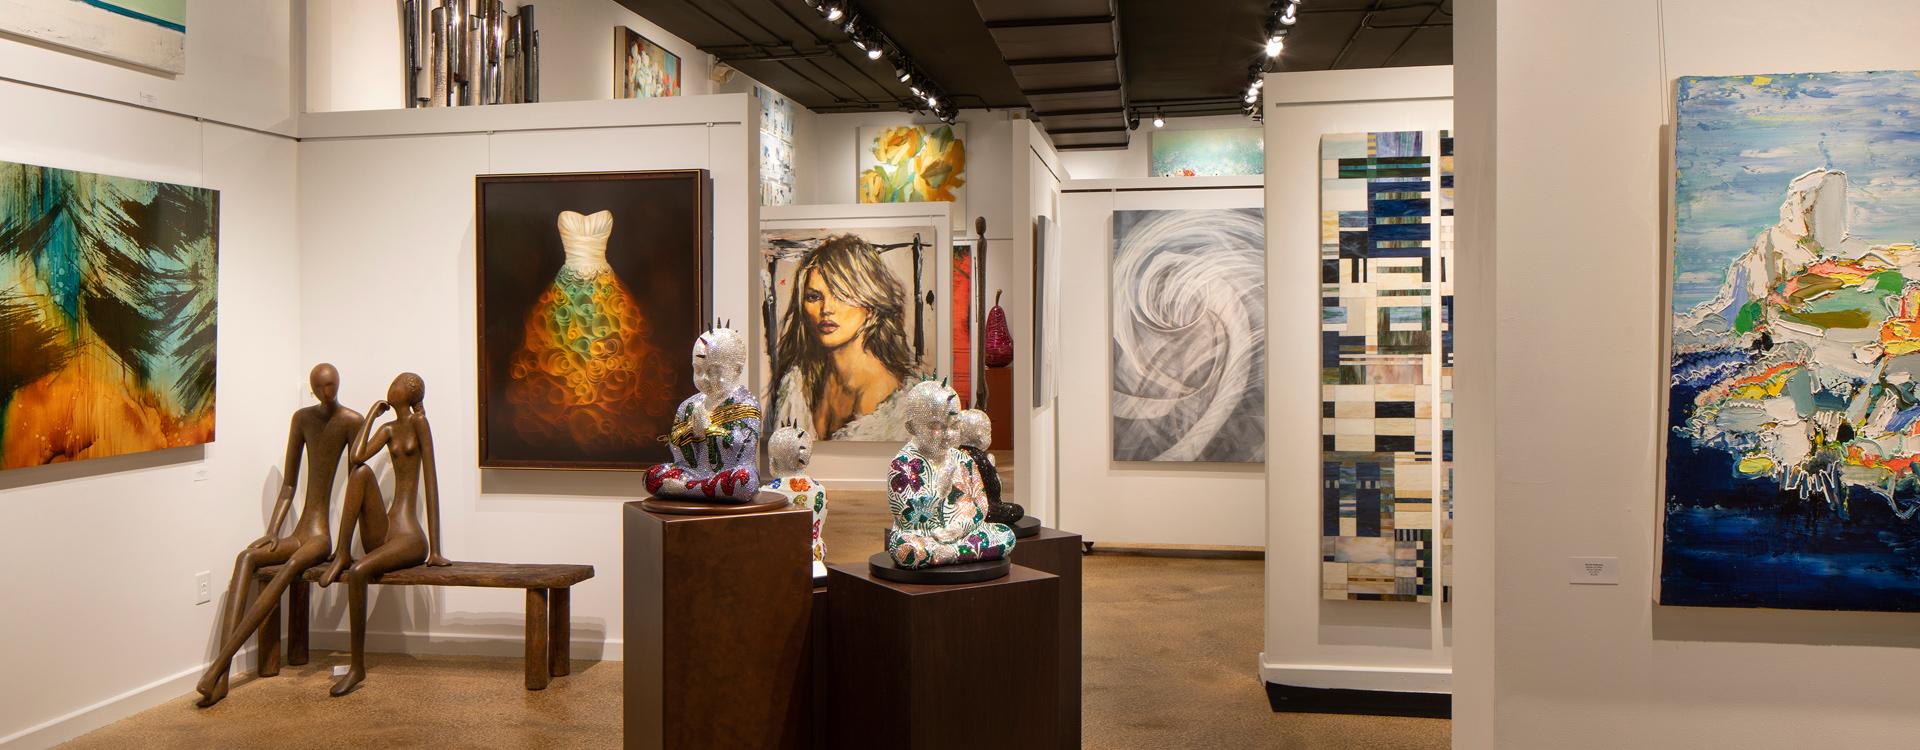 Studio E Gallery